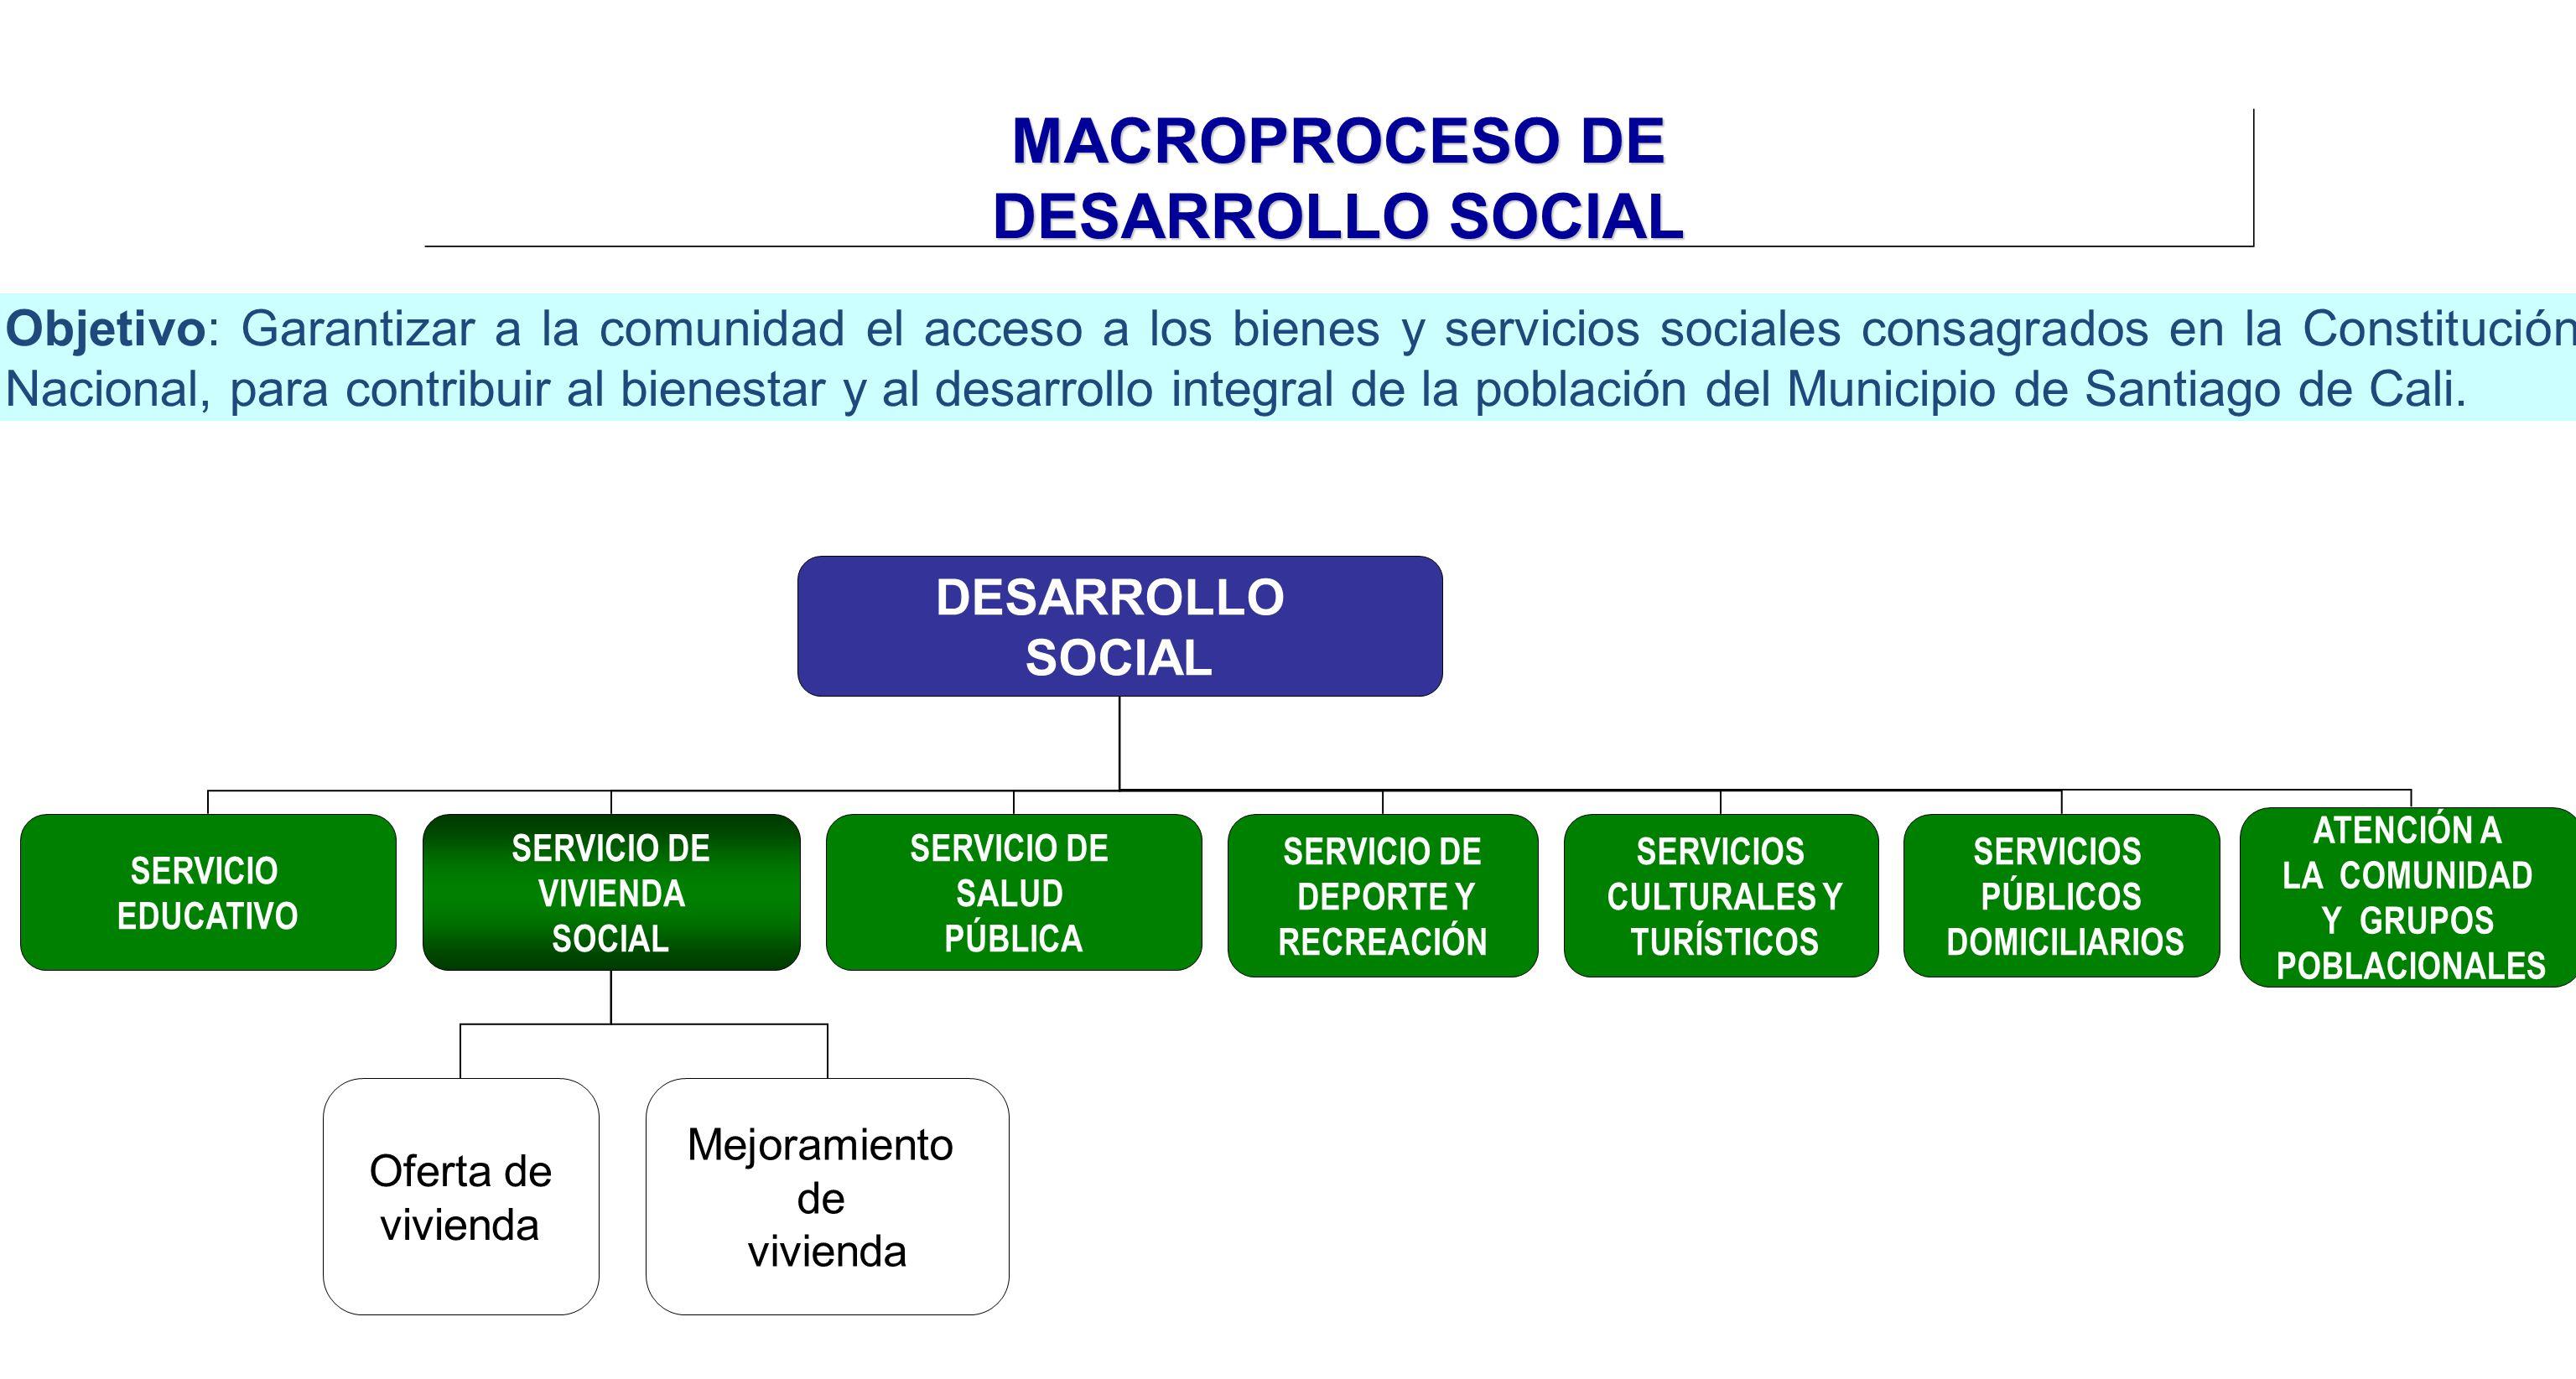 MACROPROCESO DE DESARROLLO SOCIAL DESARROLLO SOCIAL SERVICIO EDUCATIVO SERVICIO DE VIVIENDA SOCIAL SERVICIO DE SALUD PÚBLICA SERVICIO DE DEPORTE Y REC